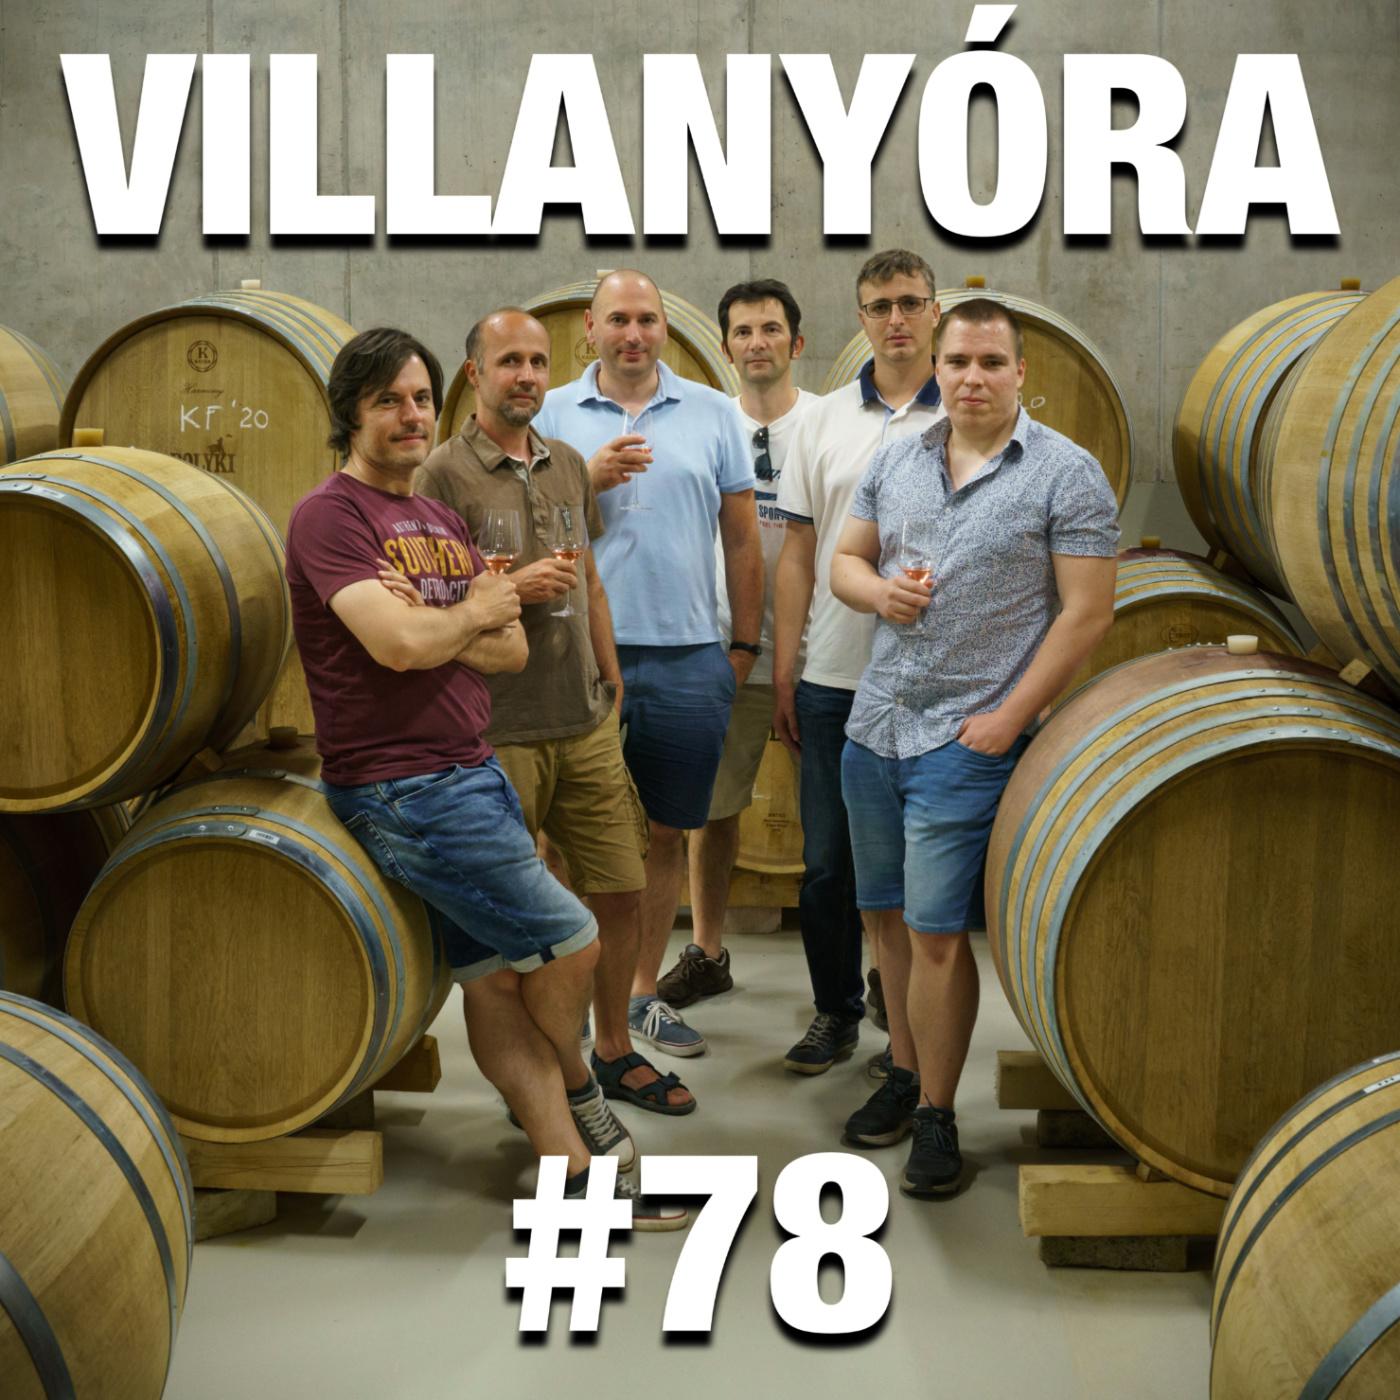 Villanyóra #78 – Kihelyezett kormányülés